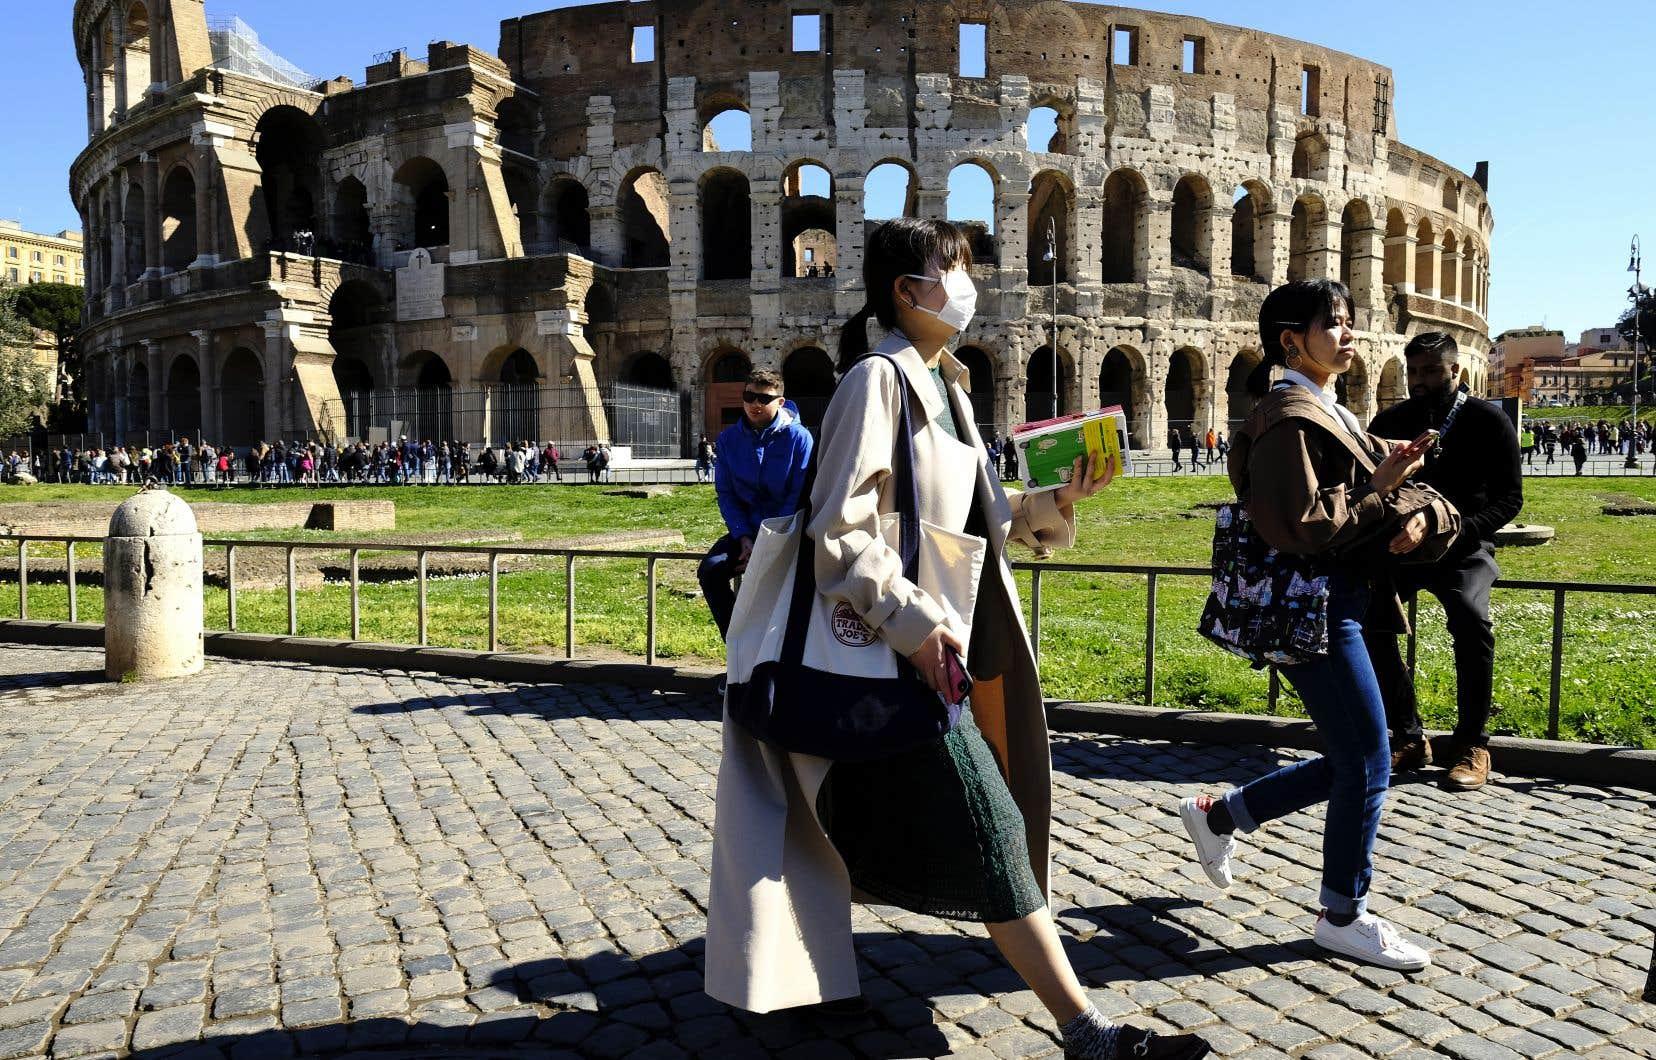 <p>Avec 650 personnes testées positives, dont toutefois seulement 303 sont considérées comme vraiment malades, l'Italie est le pays d'Europe le plus touché par l'épidémie.</p>